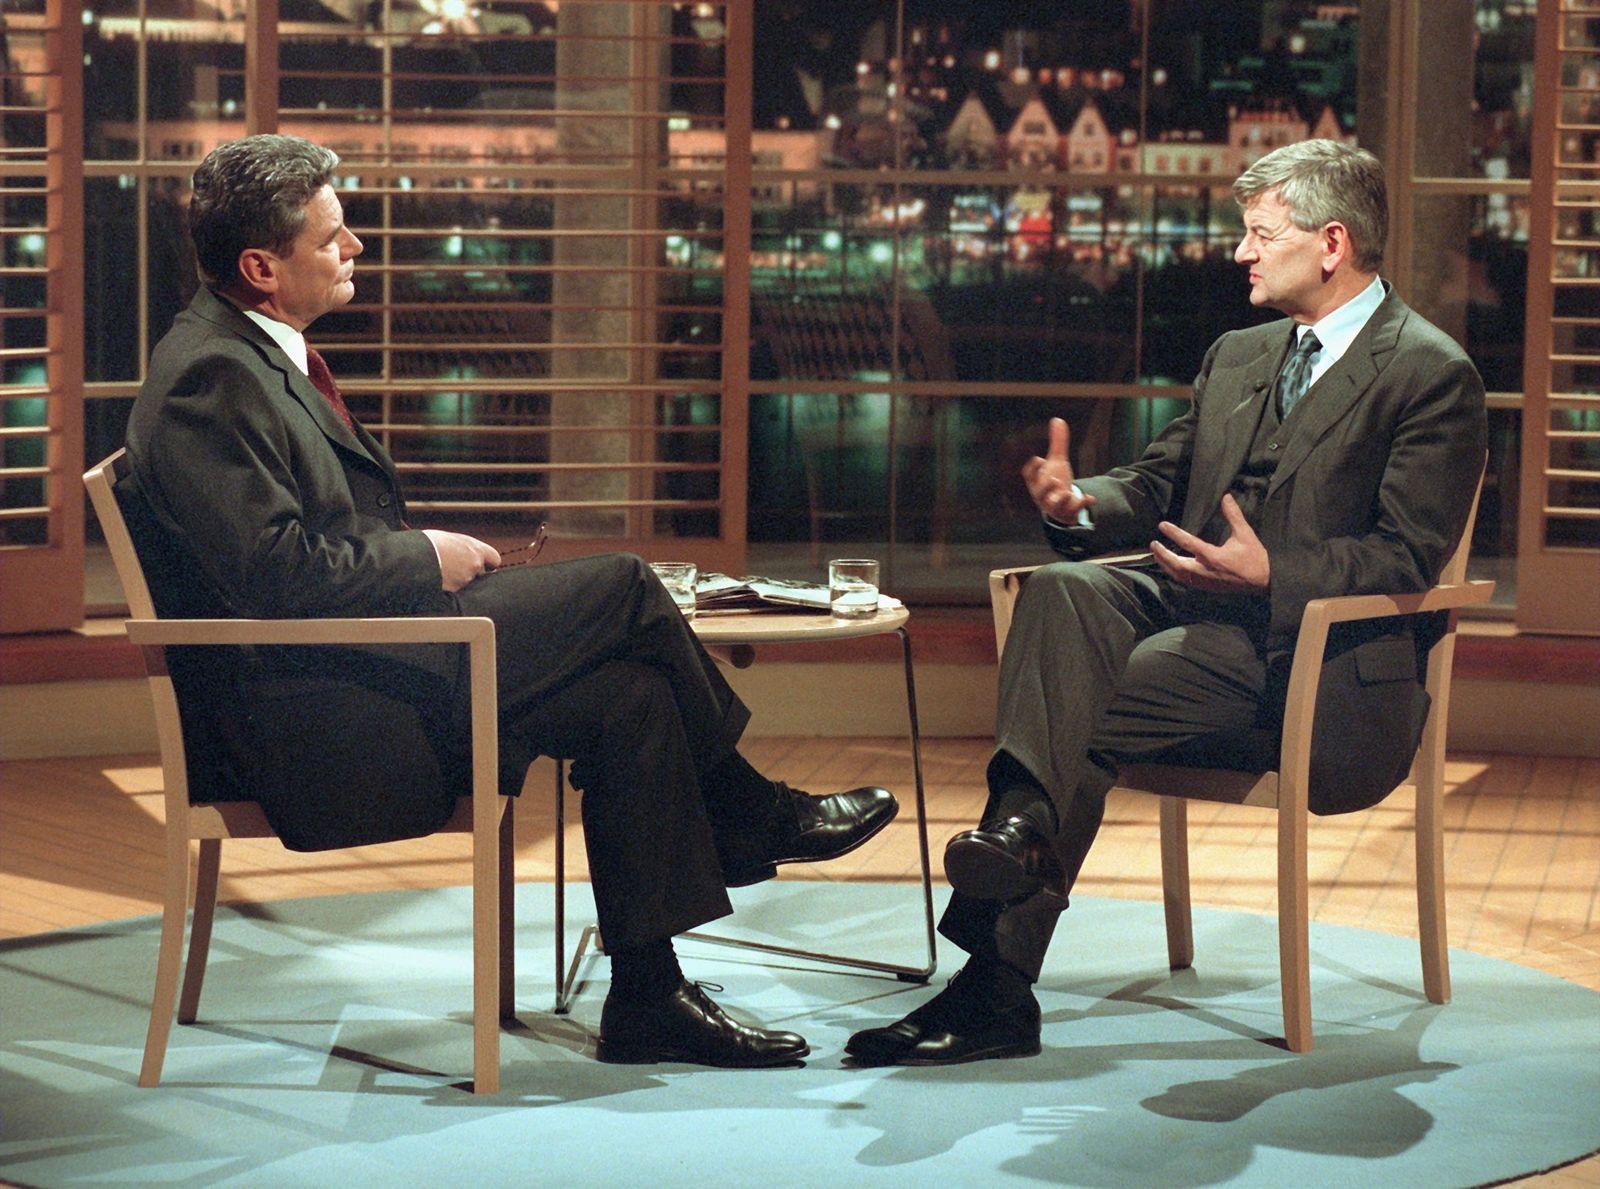 Gauck / Biografie / Talkshow